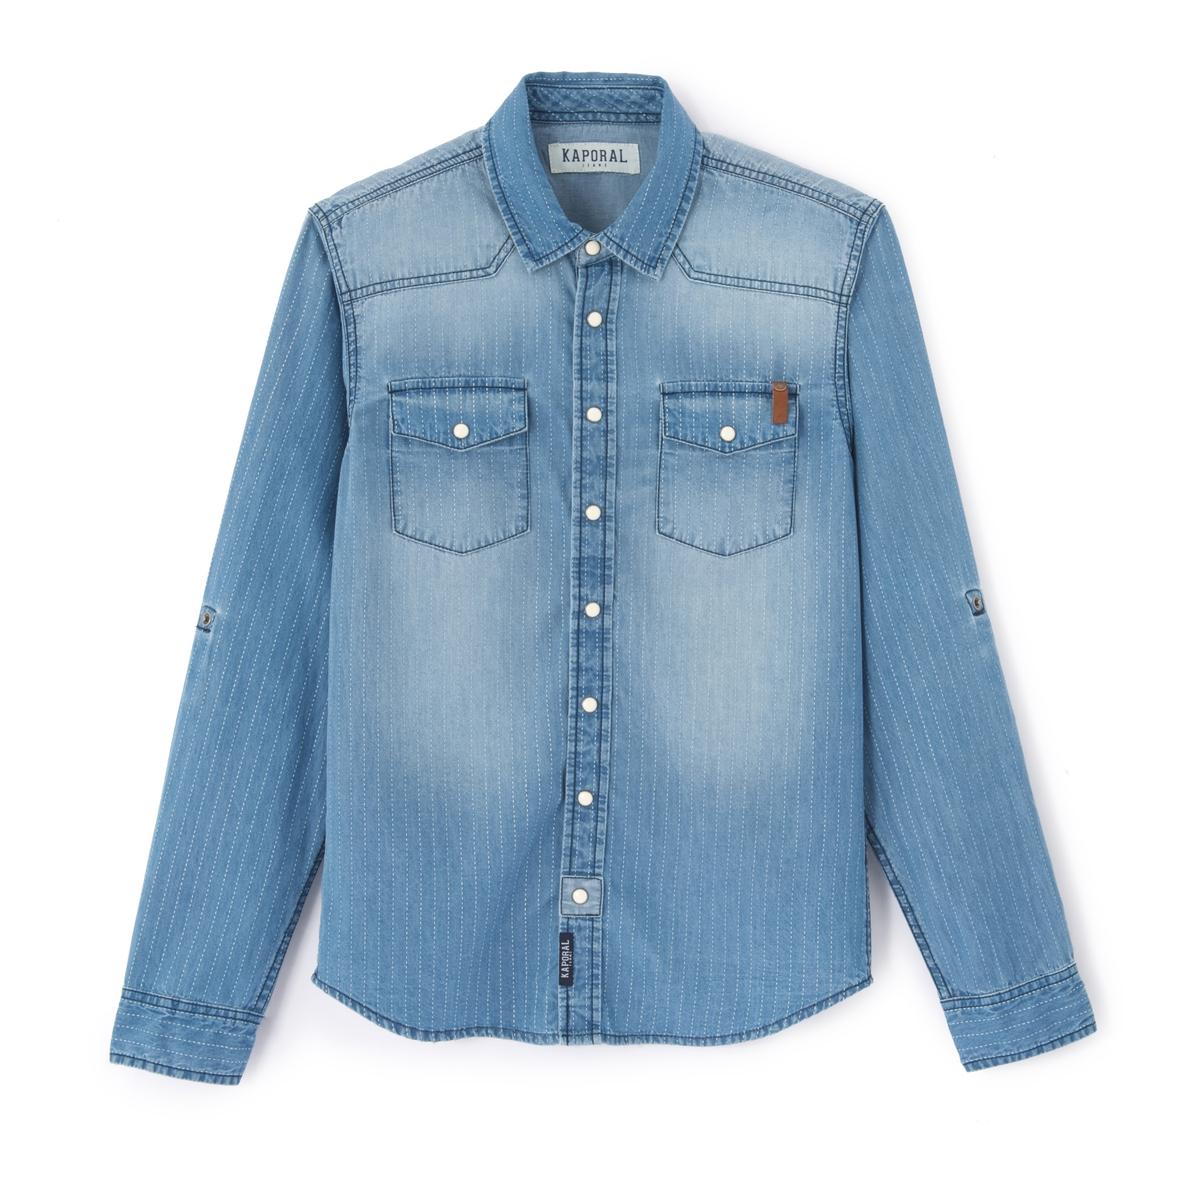 Рубашка однотонная прямого покроя с воротником-поло от KAPORAL 5